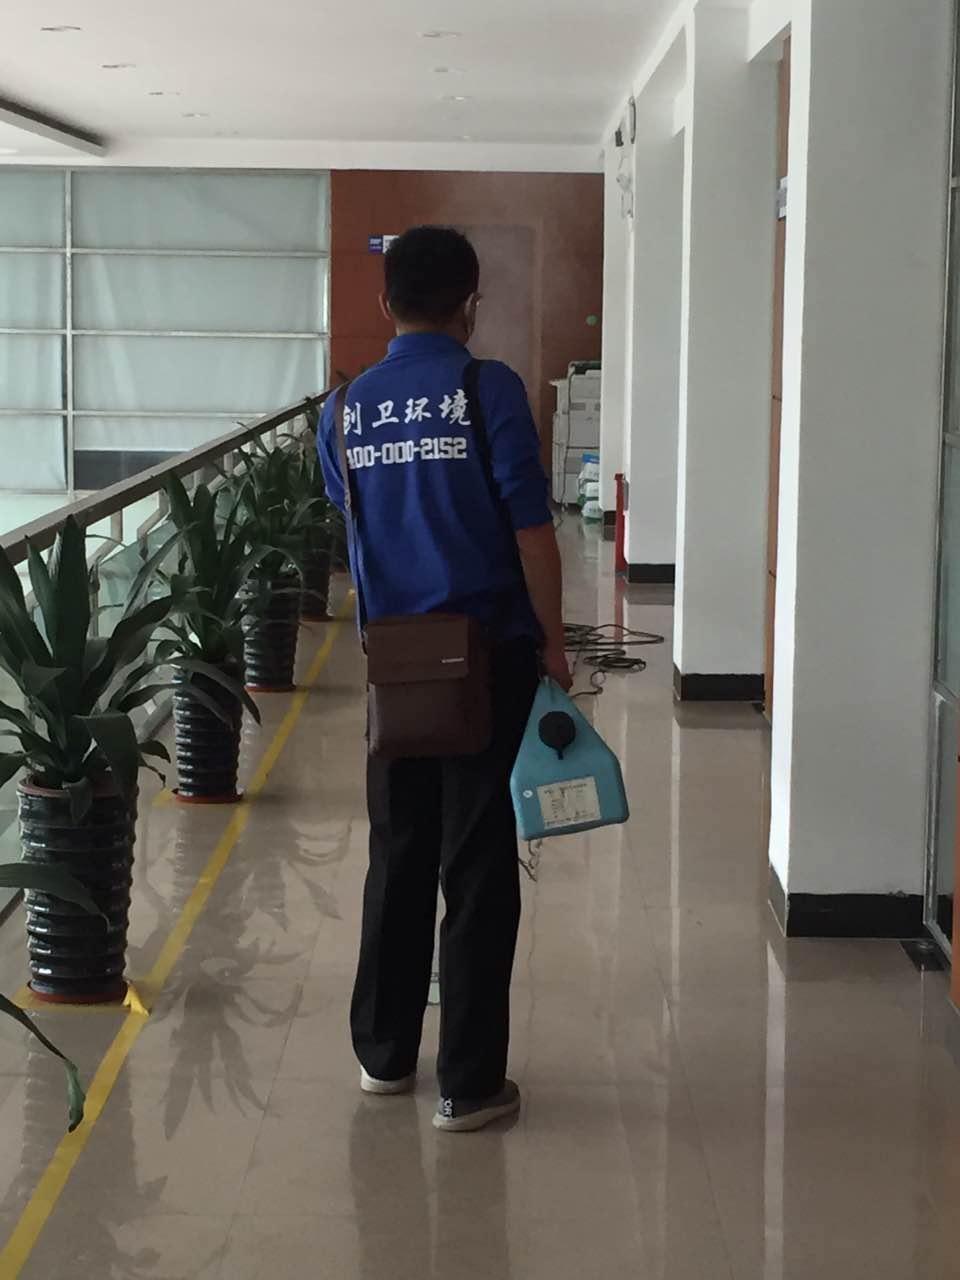 深圳除跳蚤公司对于跳蚤的消杀方法 公司新闻